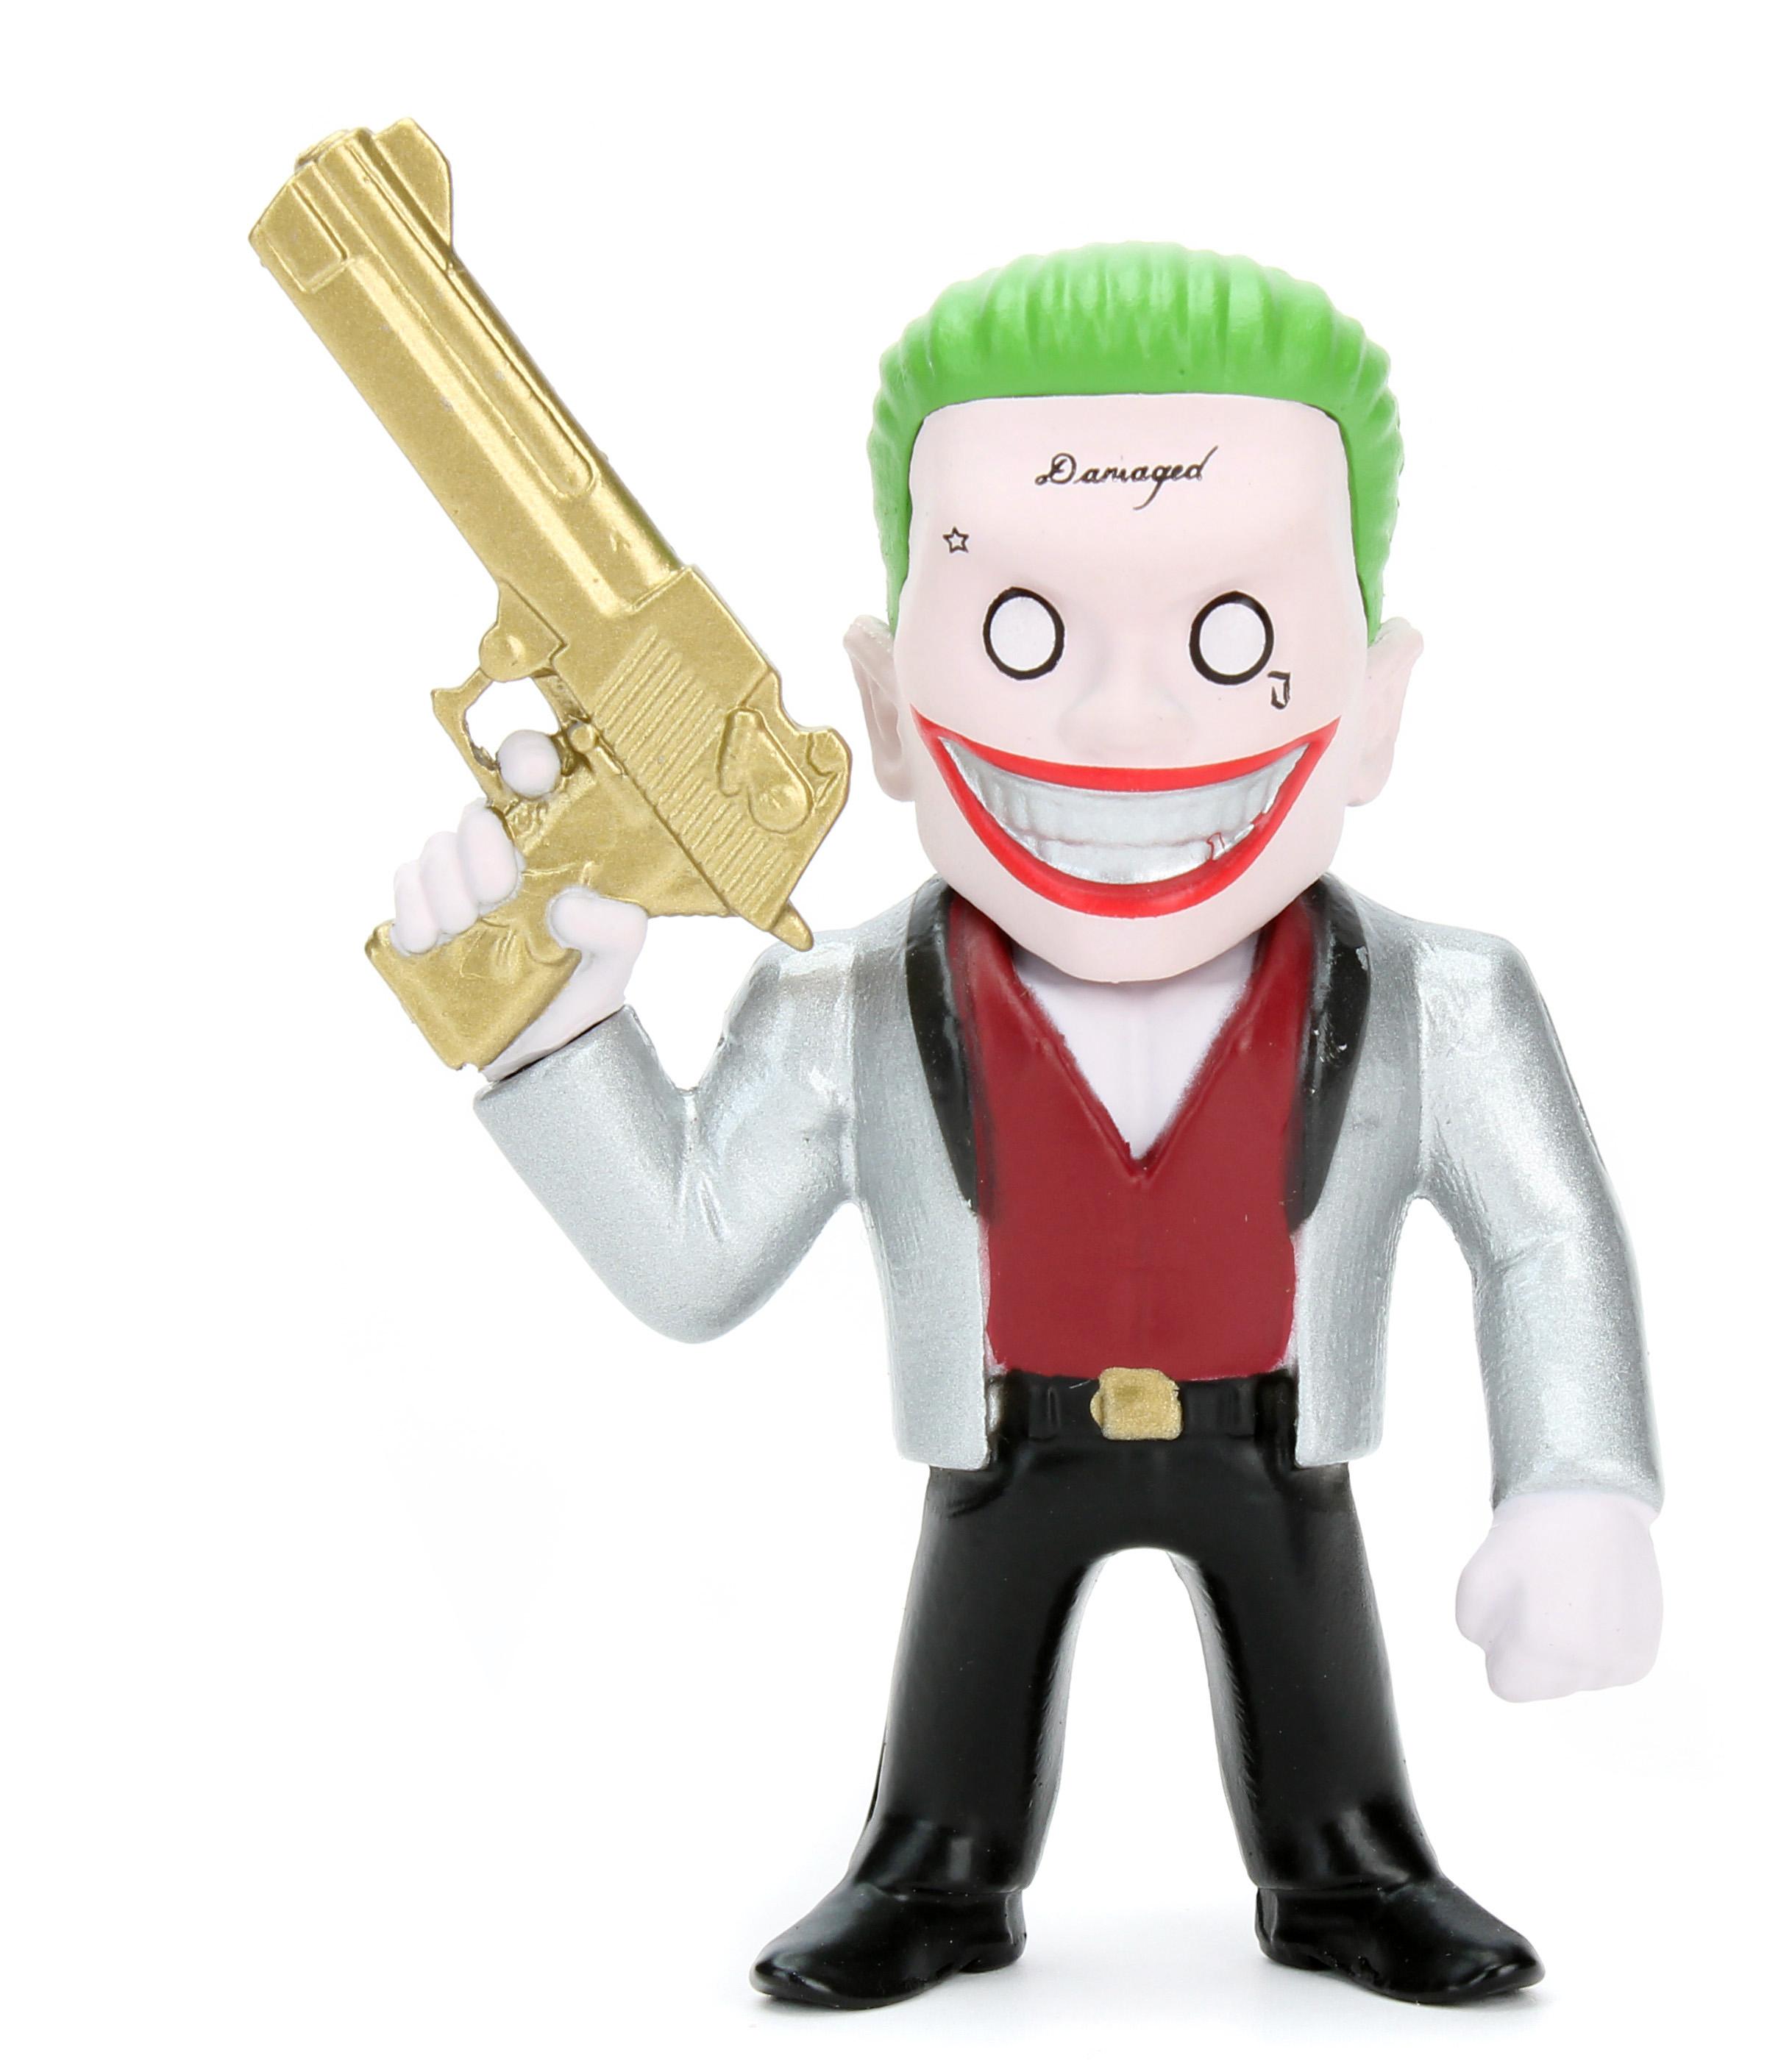 Коллекционная металлическая фигурка DC Comics: Джокер – Отряд Самоубийц – Suicide Squad Joker Boss (6 см)  коллекционная металлическая фигурка dc comics джокер – отряд самоубийц – suicide squad joker alternate version 6 см